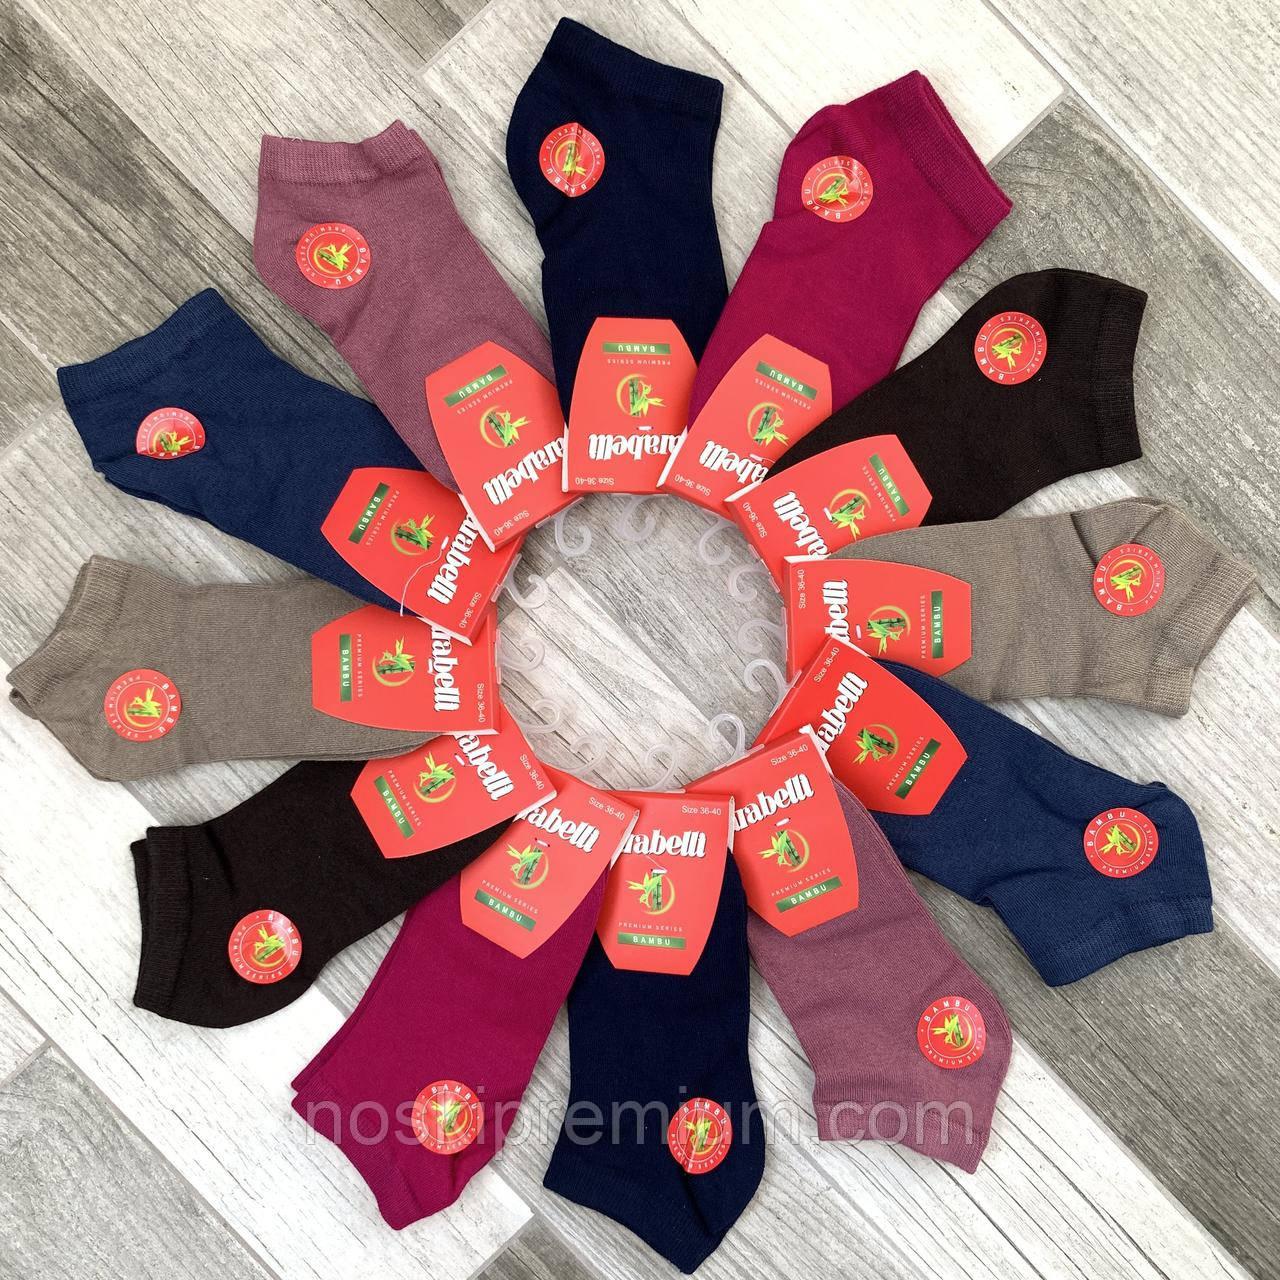 Шкарпетки жіночі демісезонні бамбук короткі Carabelli, Туреччина, розмір 36-40, асорті, 03755